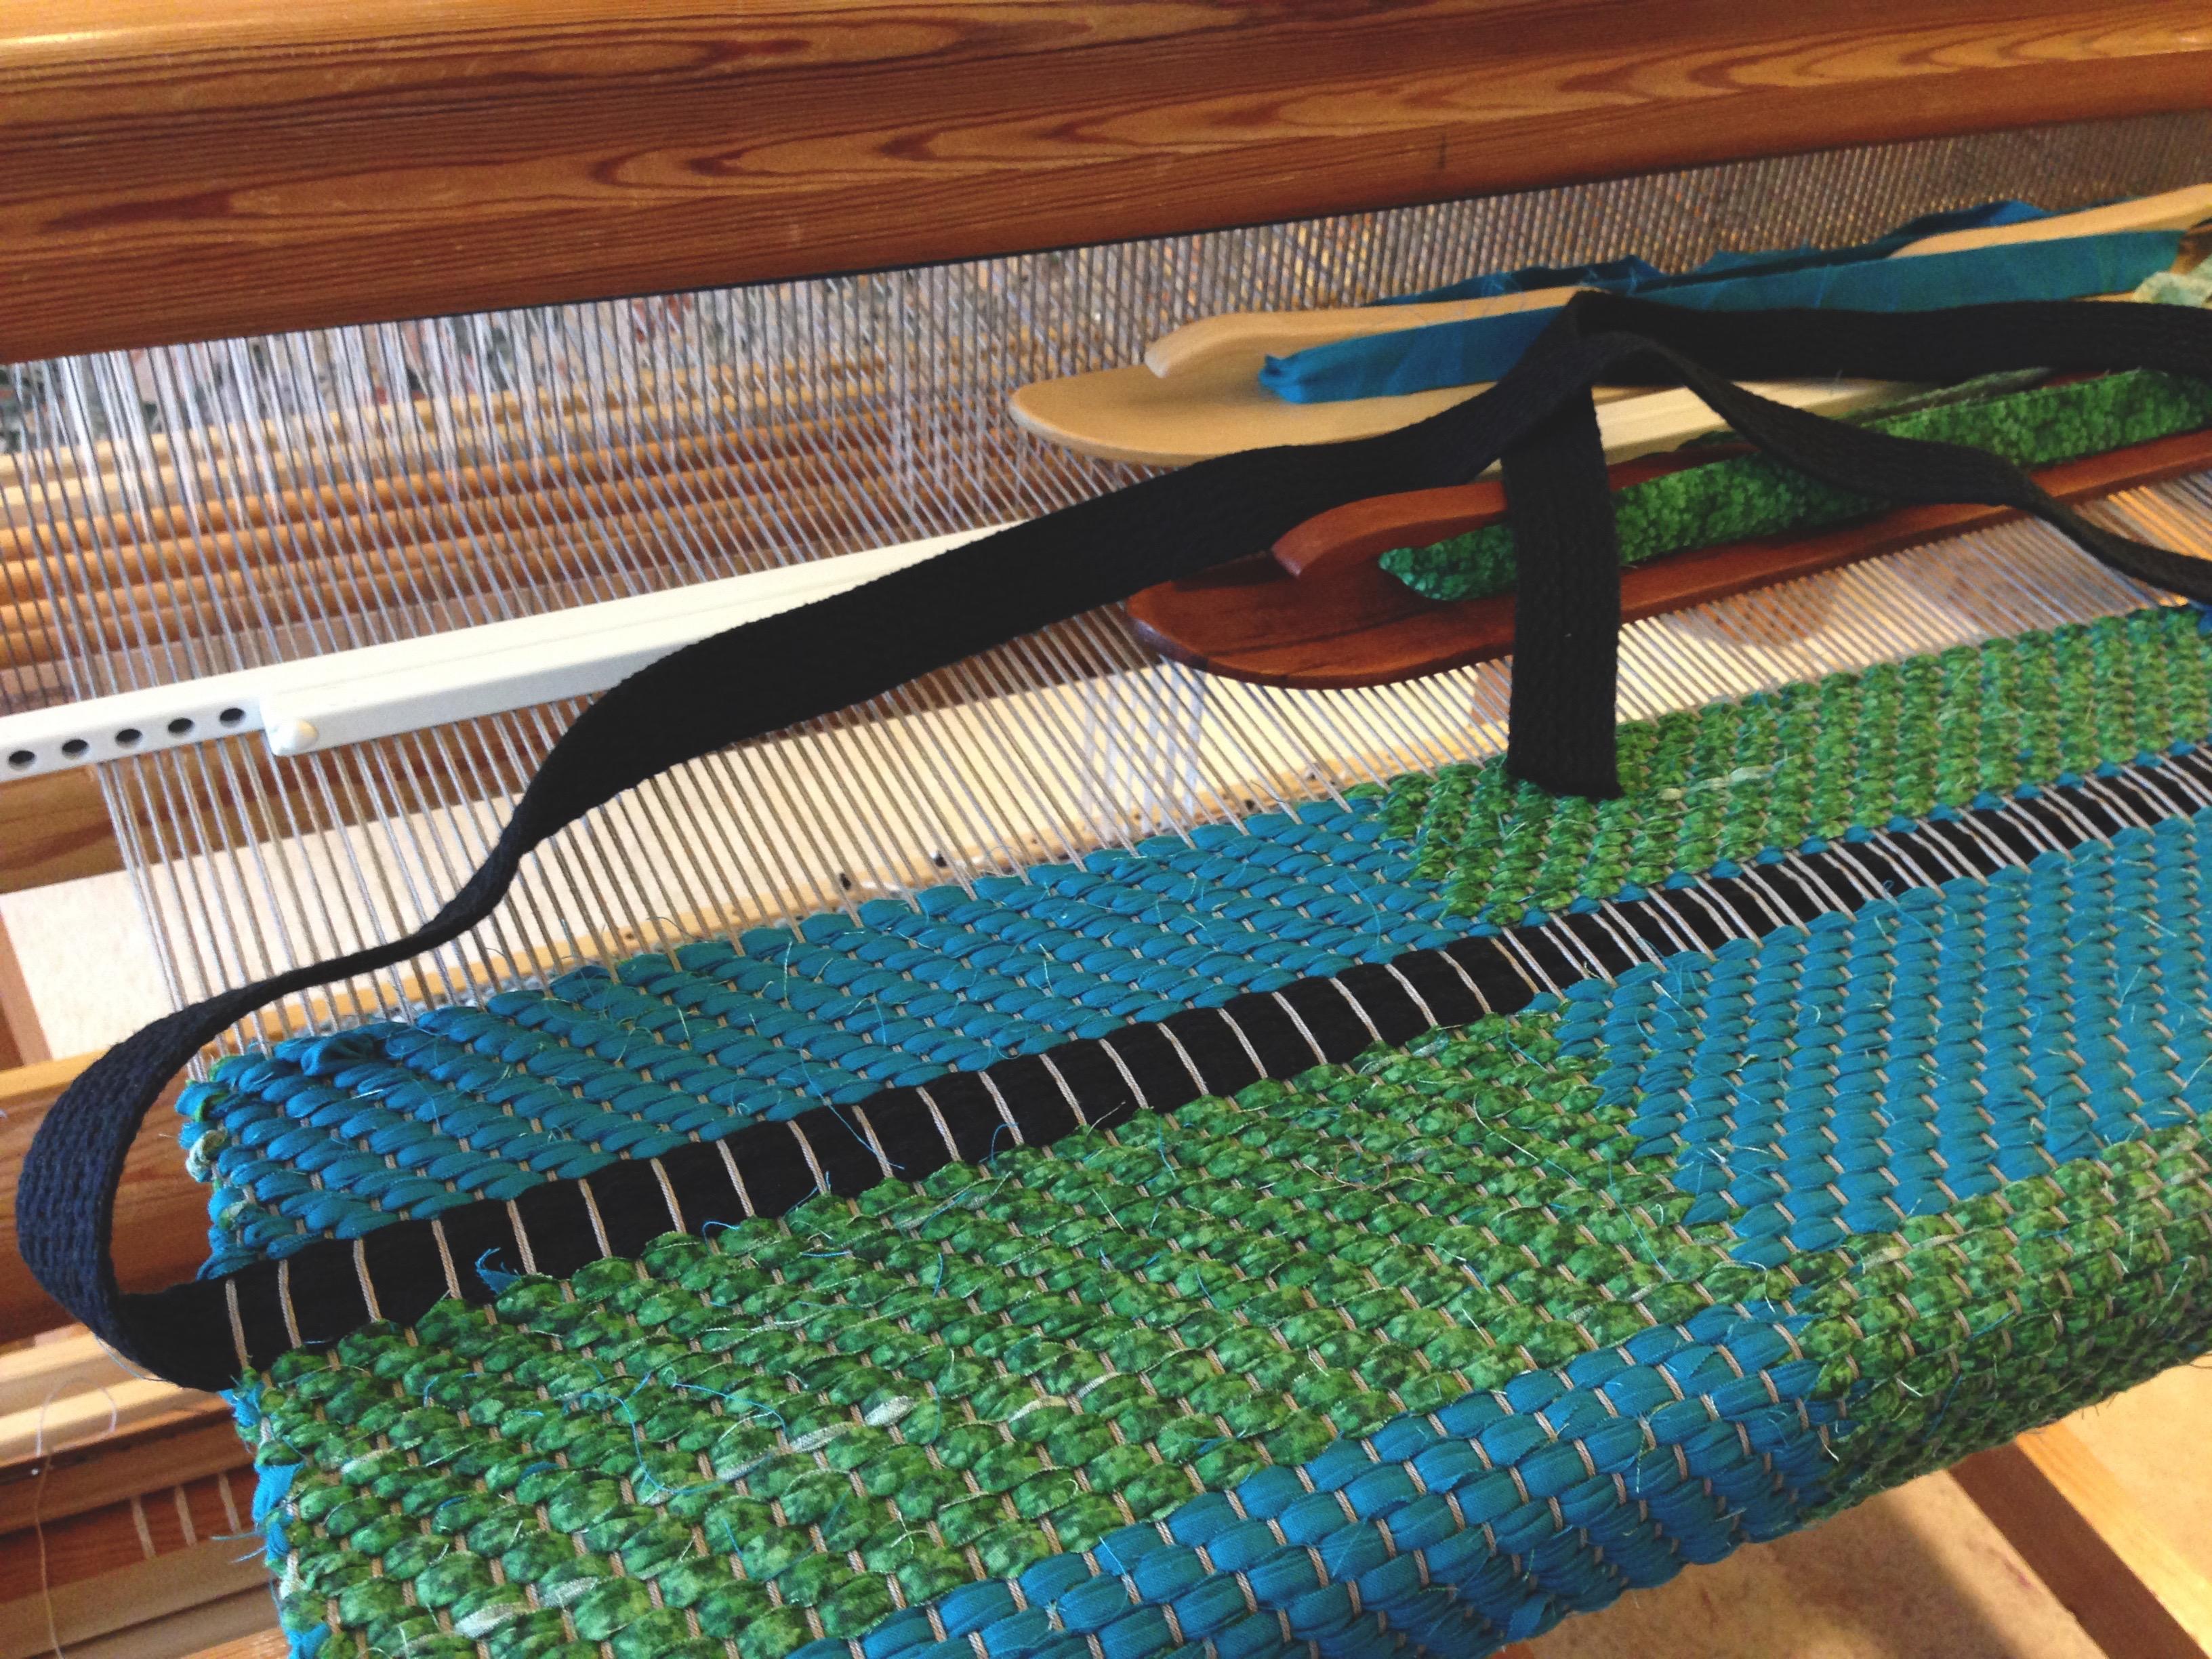 Weaving Bag Handles Into The Rag Rug